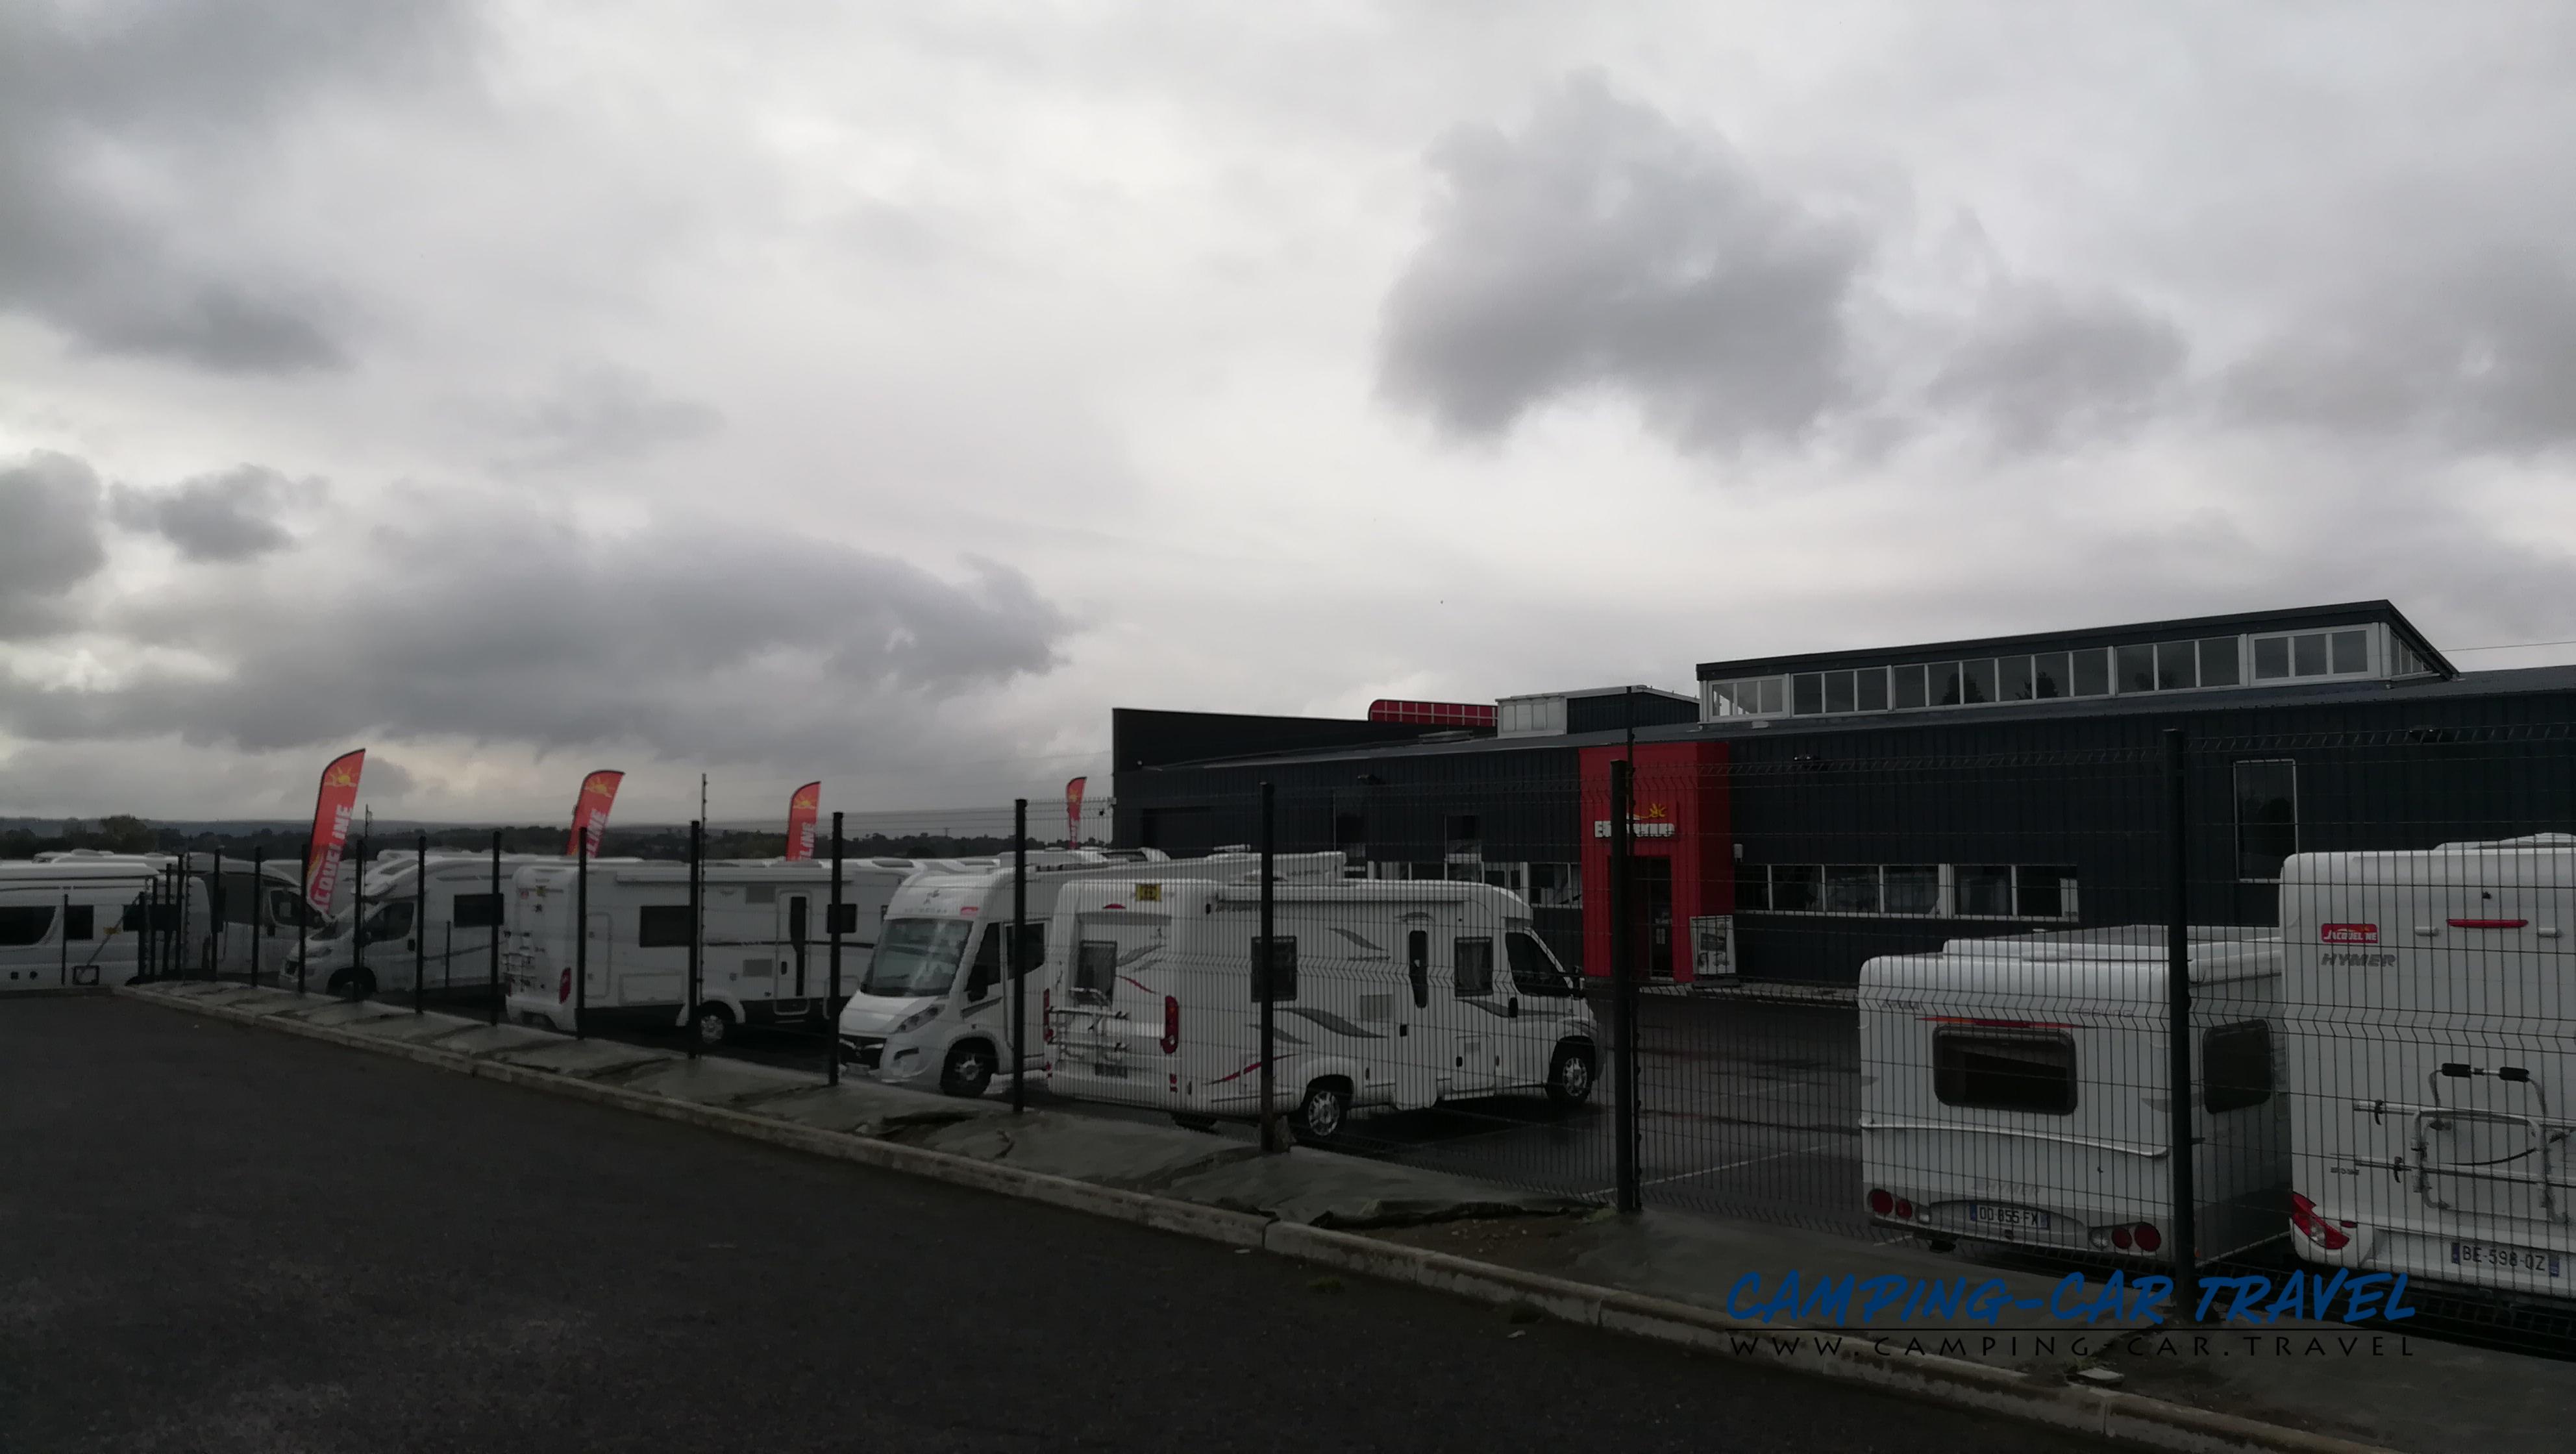 aire services camping car Plénée-Jugon Côtes-d'Armor Bretagne